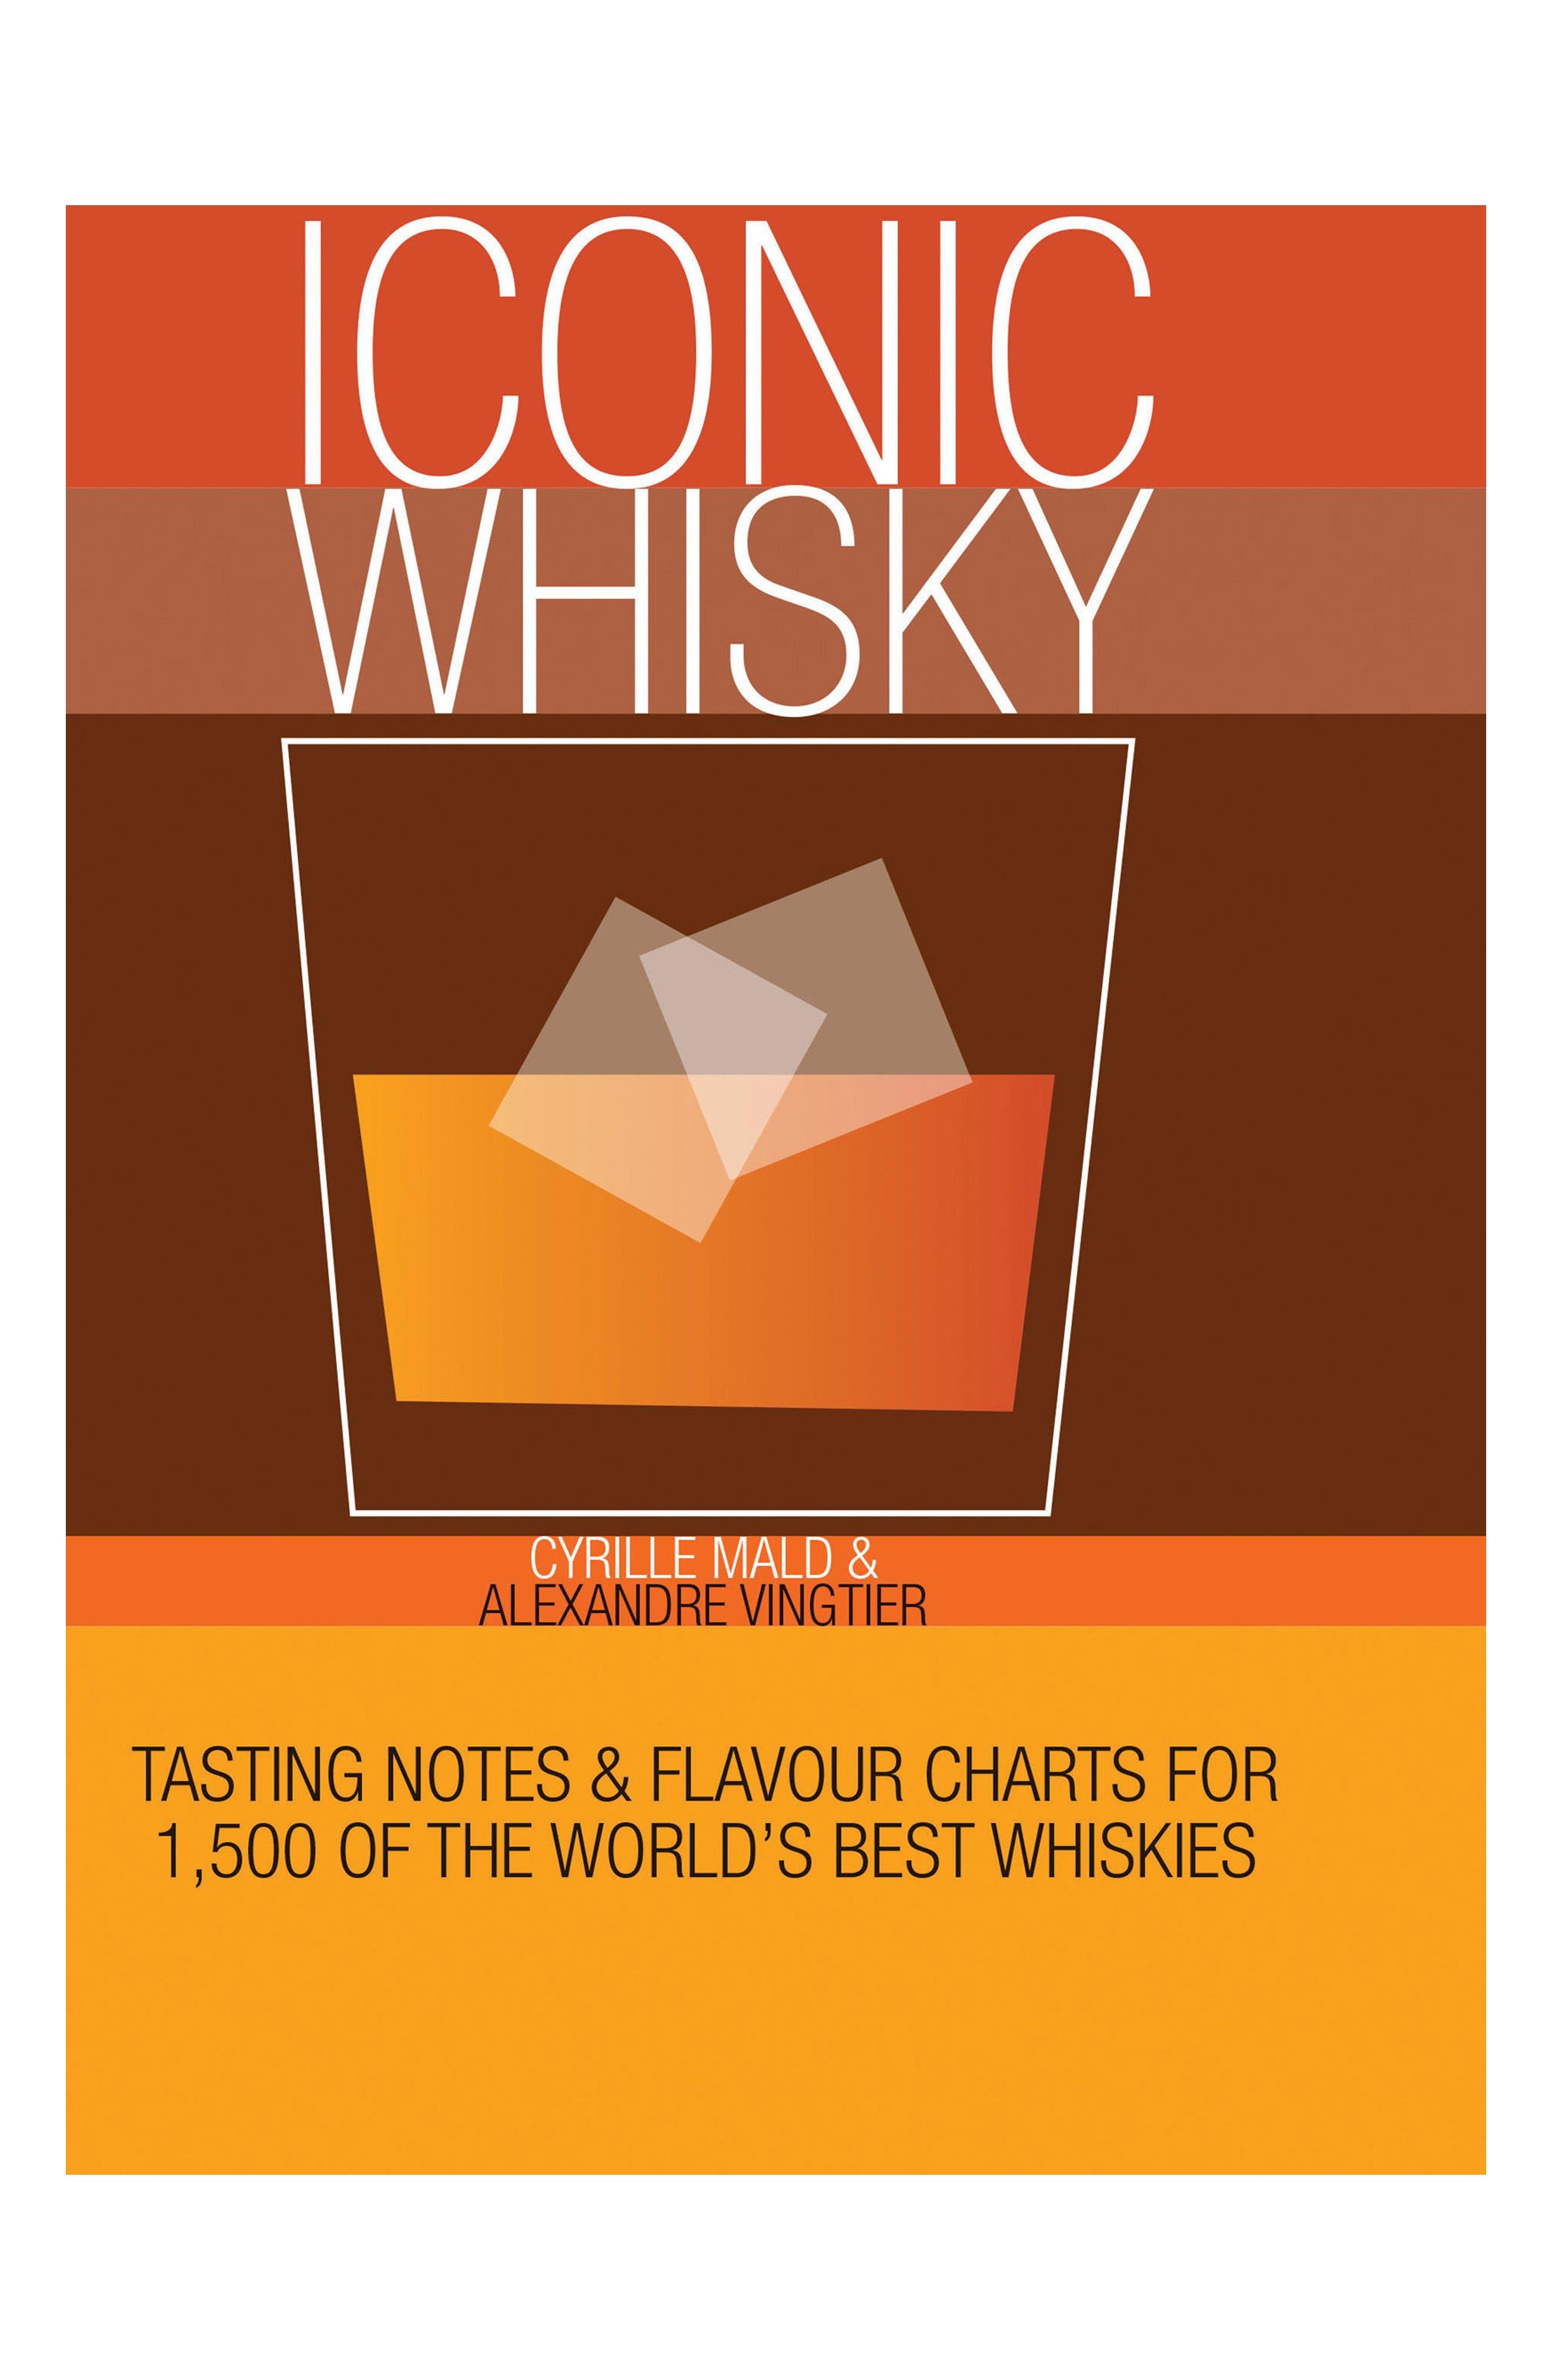 Main Image - Iconic Whisky Book